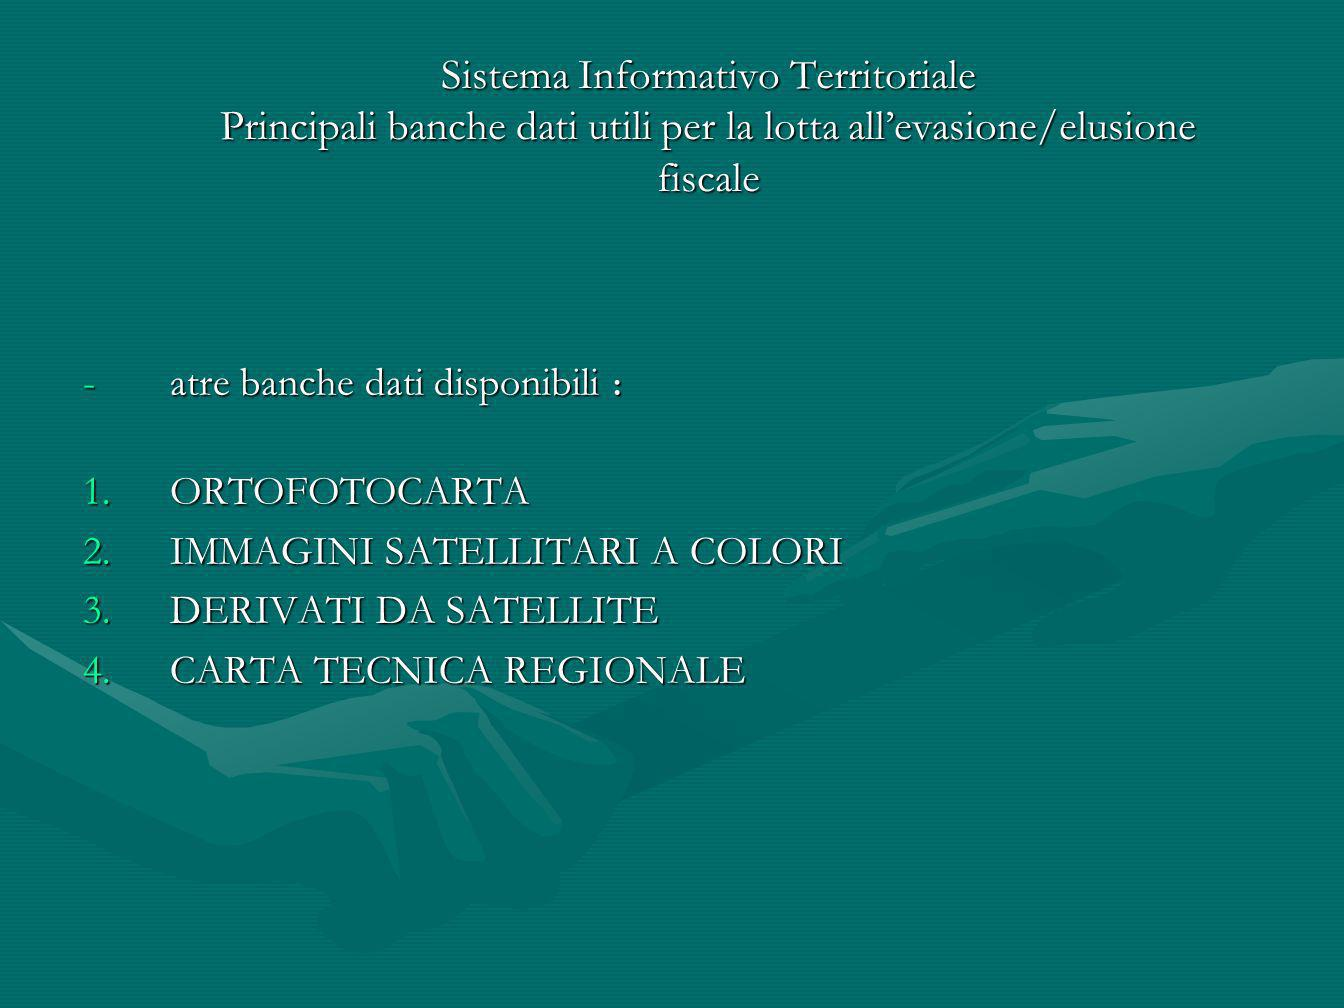 Sistema Informativo Territoriale Principali banche dati utili per la lotta all'evasione/elusione fiscale